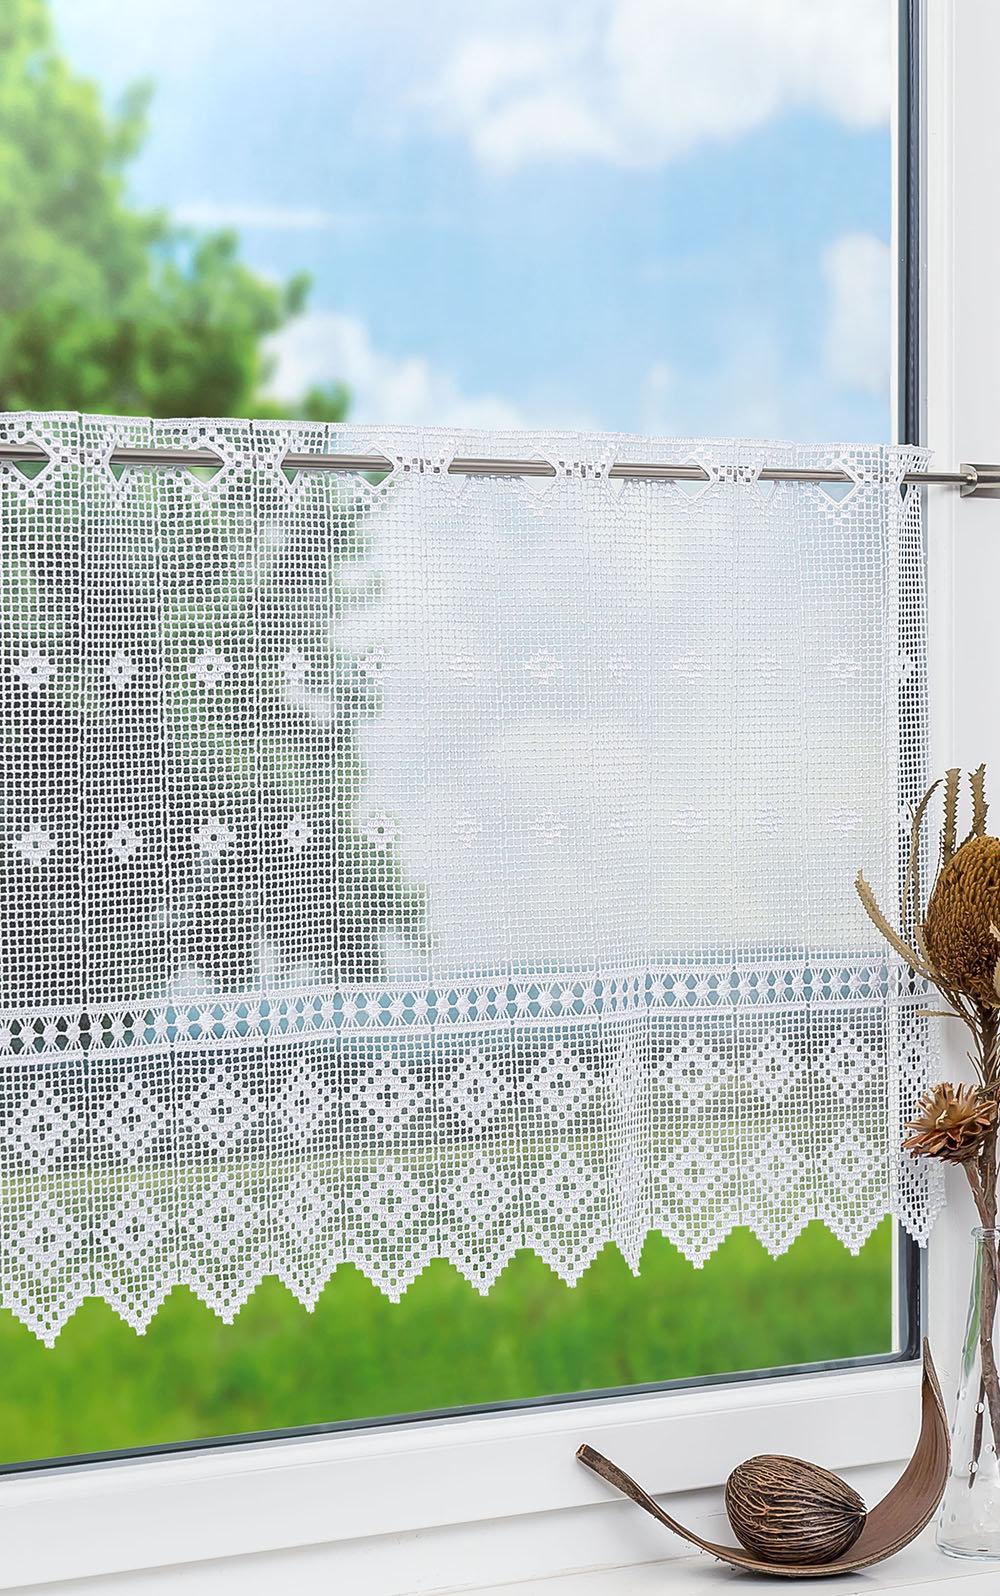 Full Size of Scheibengardinen Landhausstil Klassisch Modern Bistrogardinen Im Küche Bett Esstisch Sofa Schlafzimmer Weiß Wohnzimmer Boxspring Bad Regal Betten Wohnzimmer Scheibengardinen Landhausstil